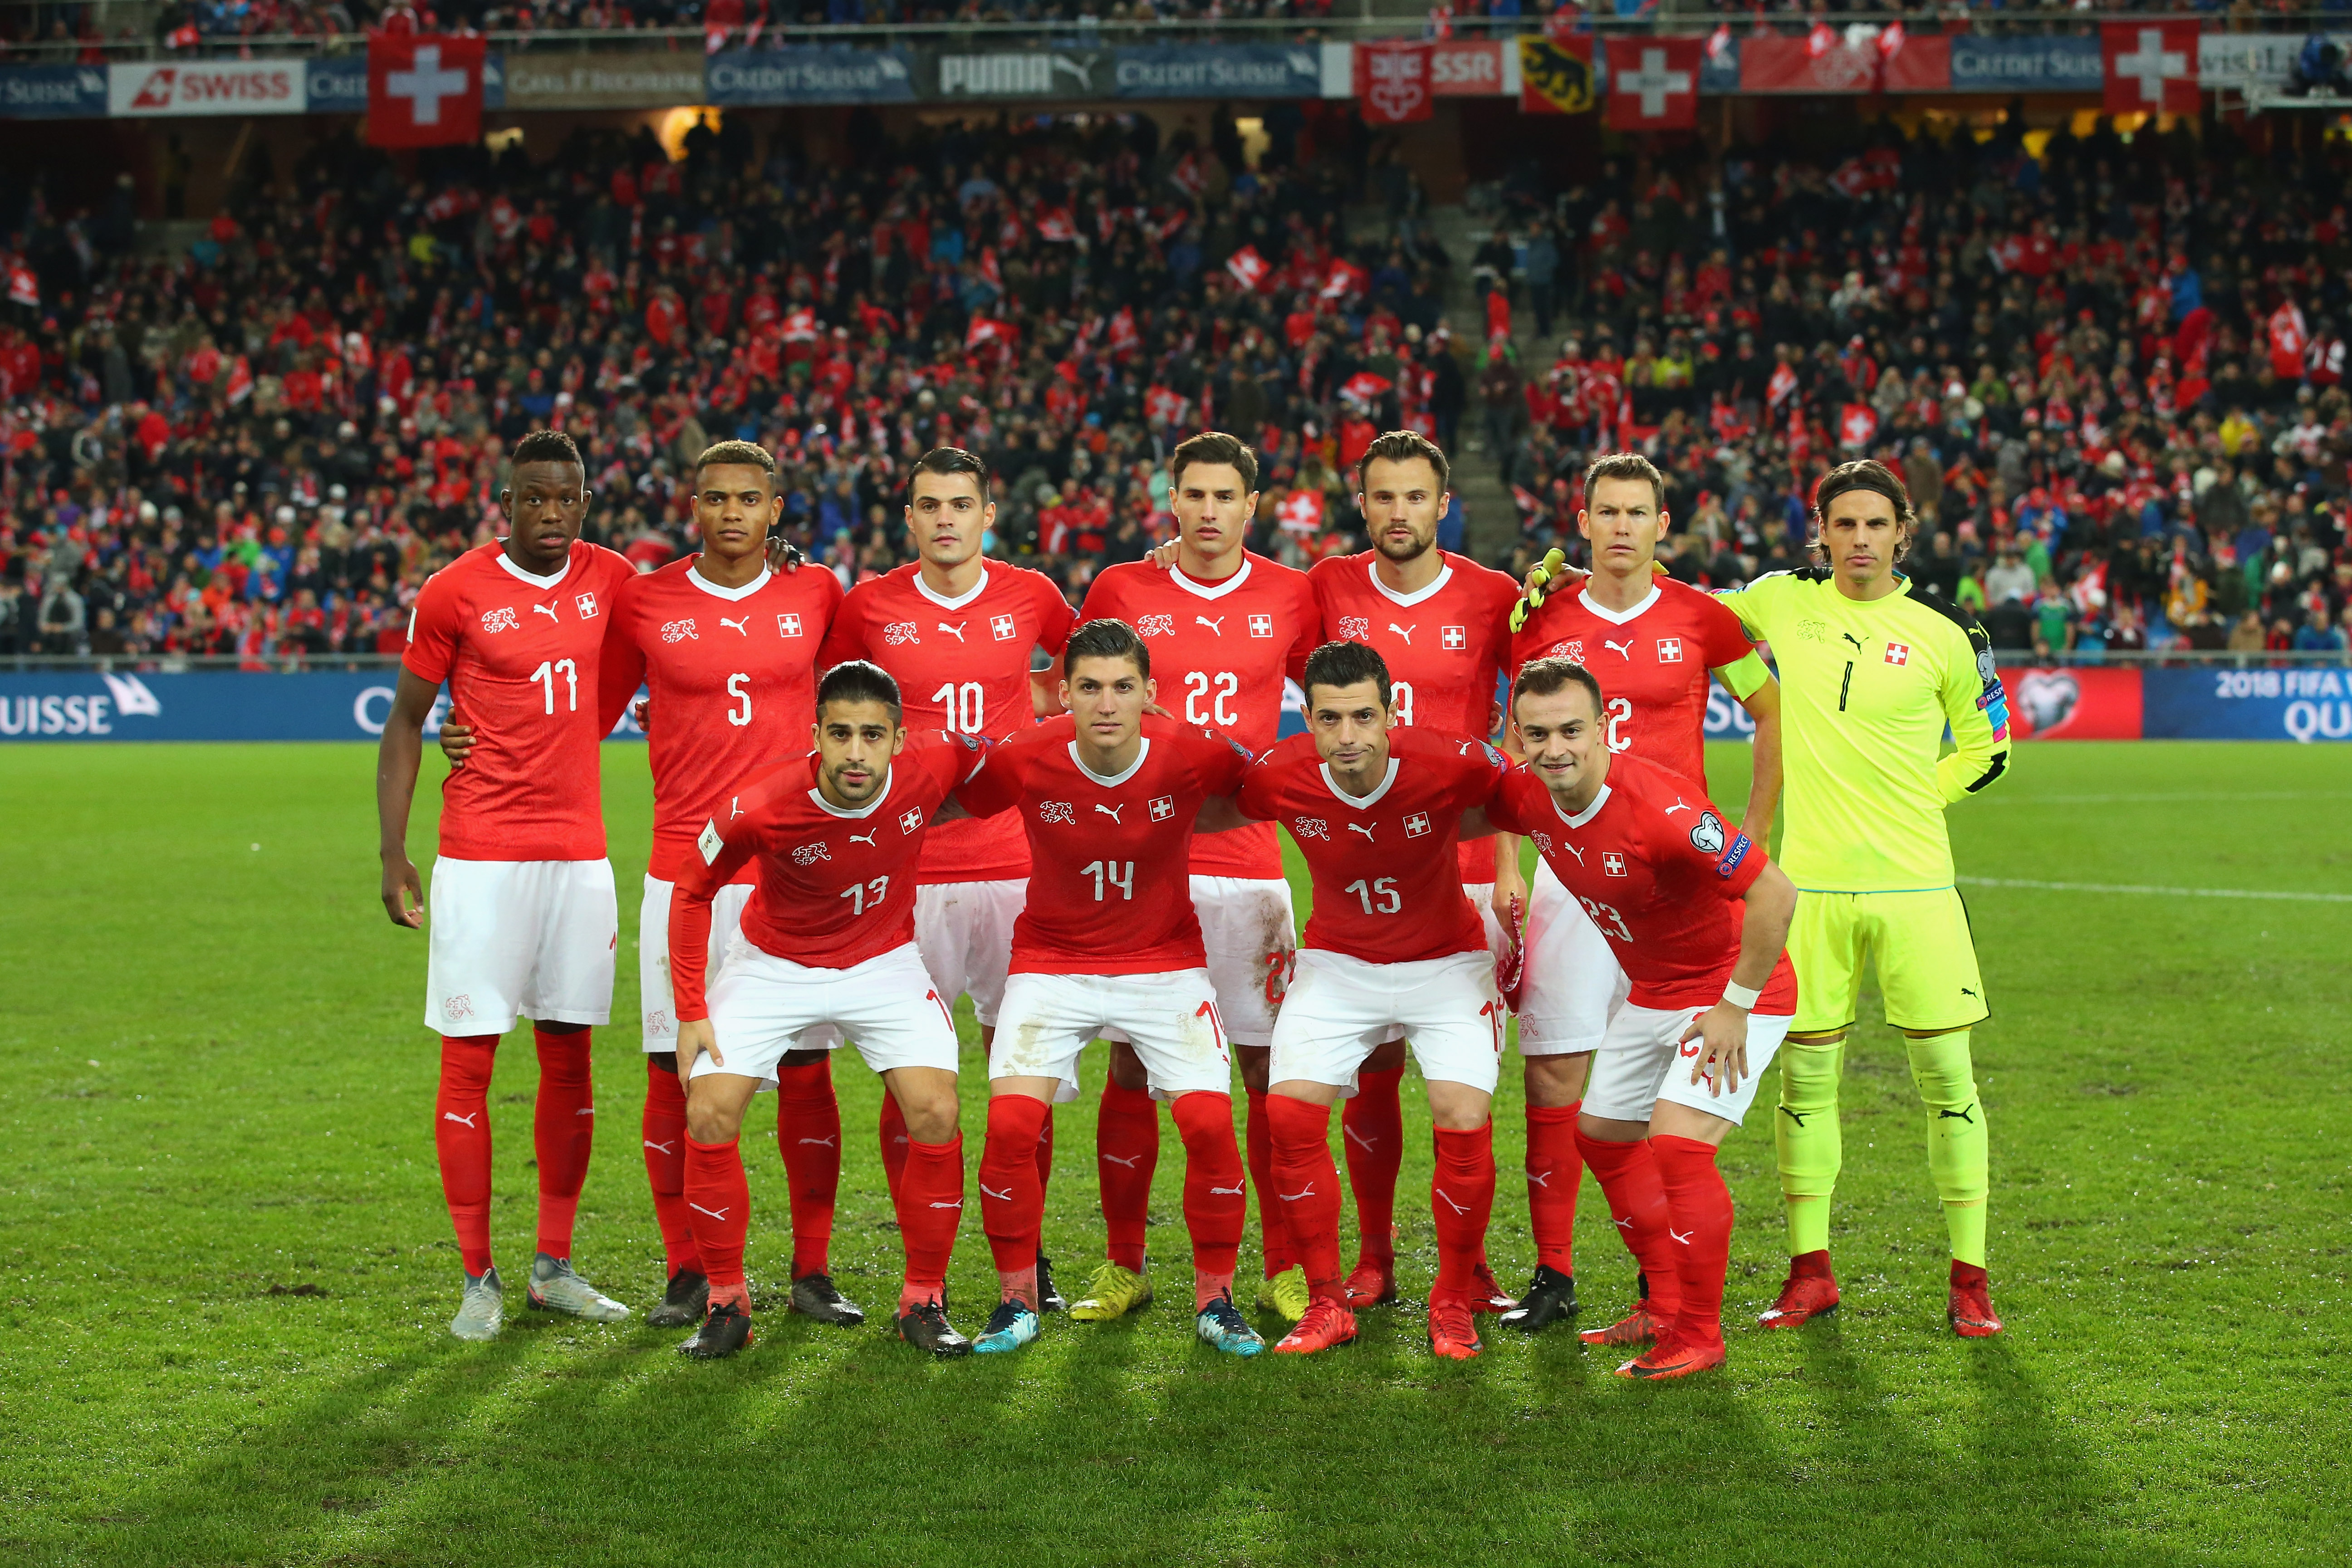 Switzerland national team